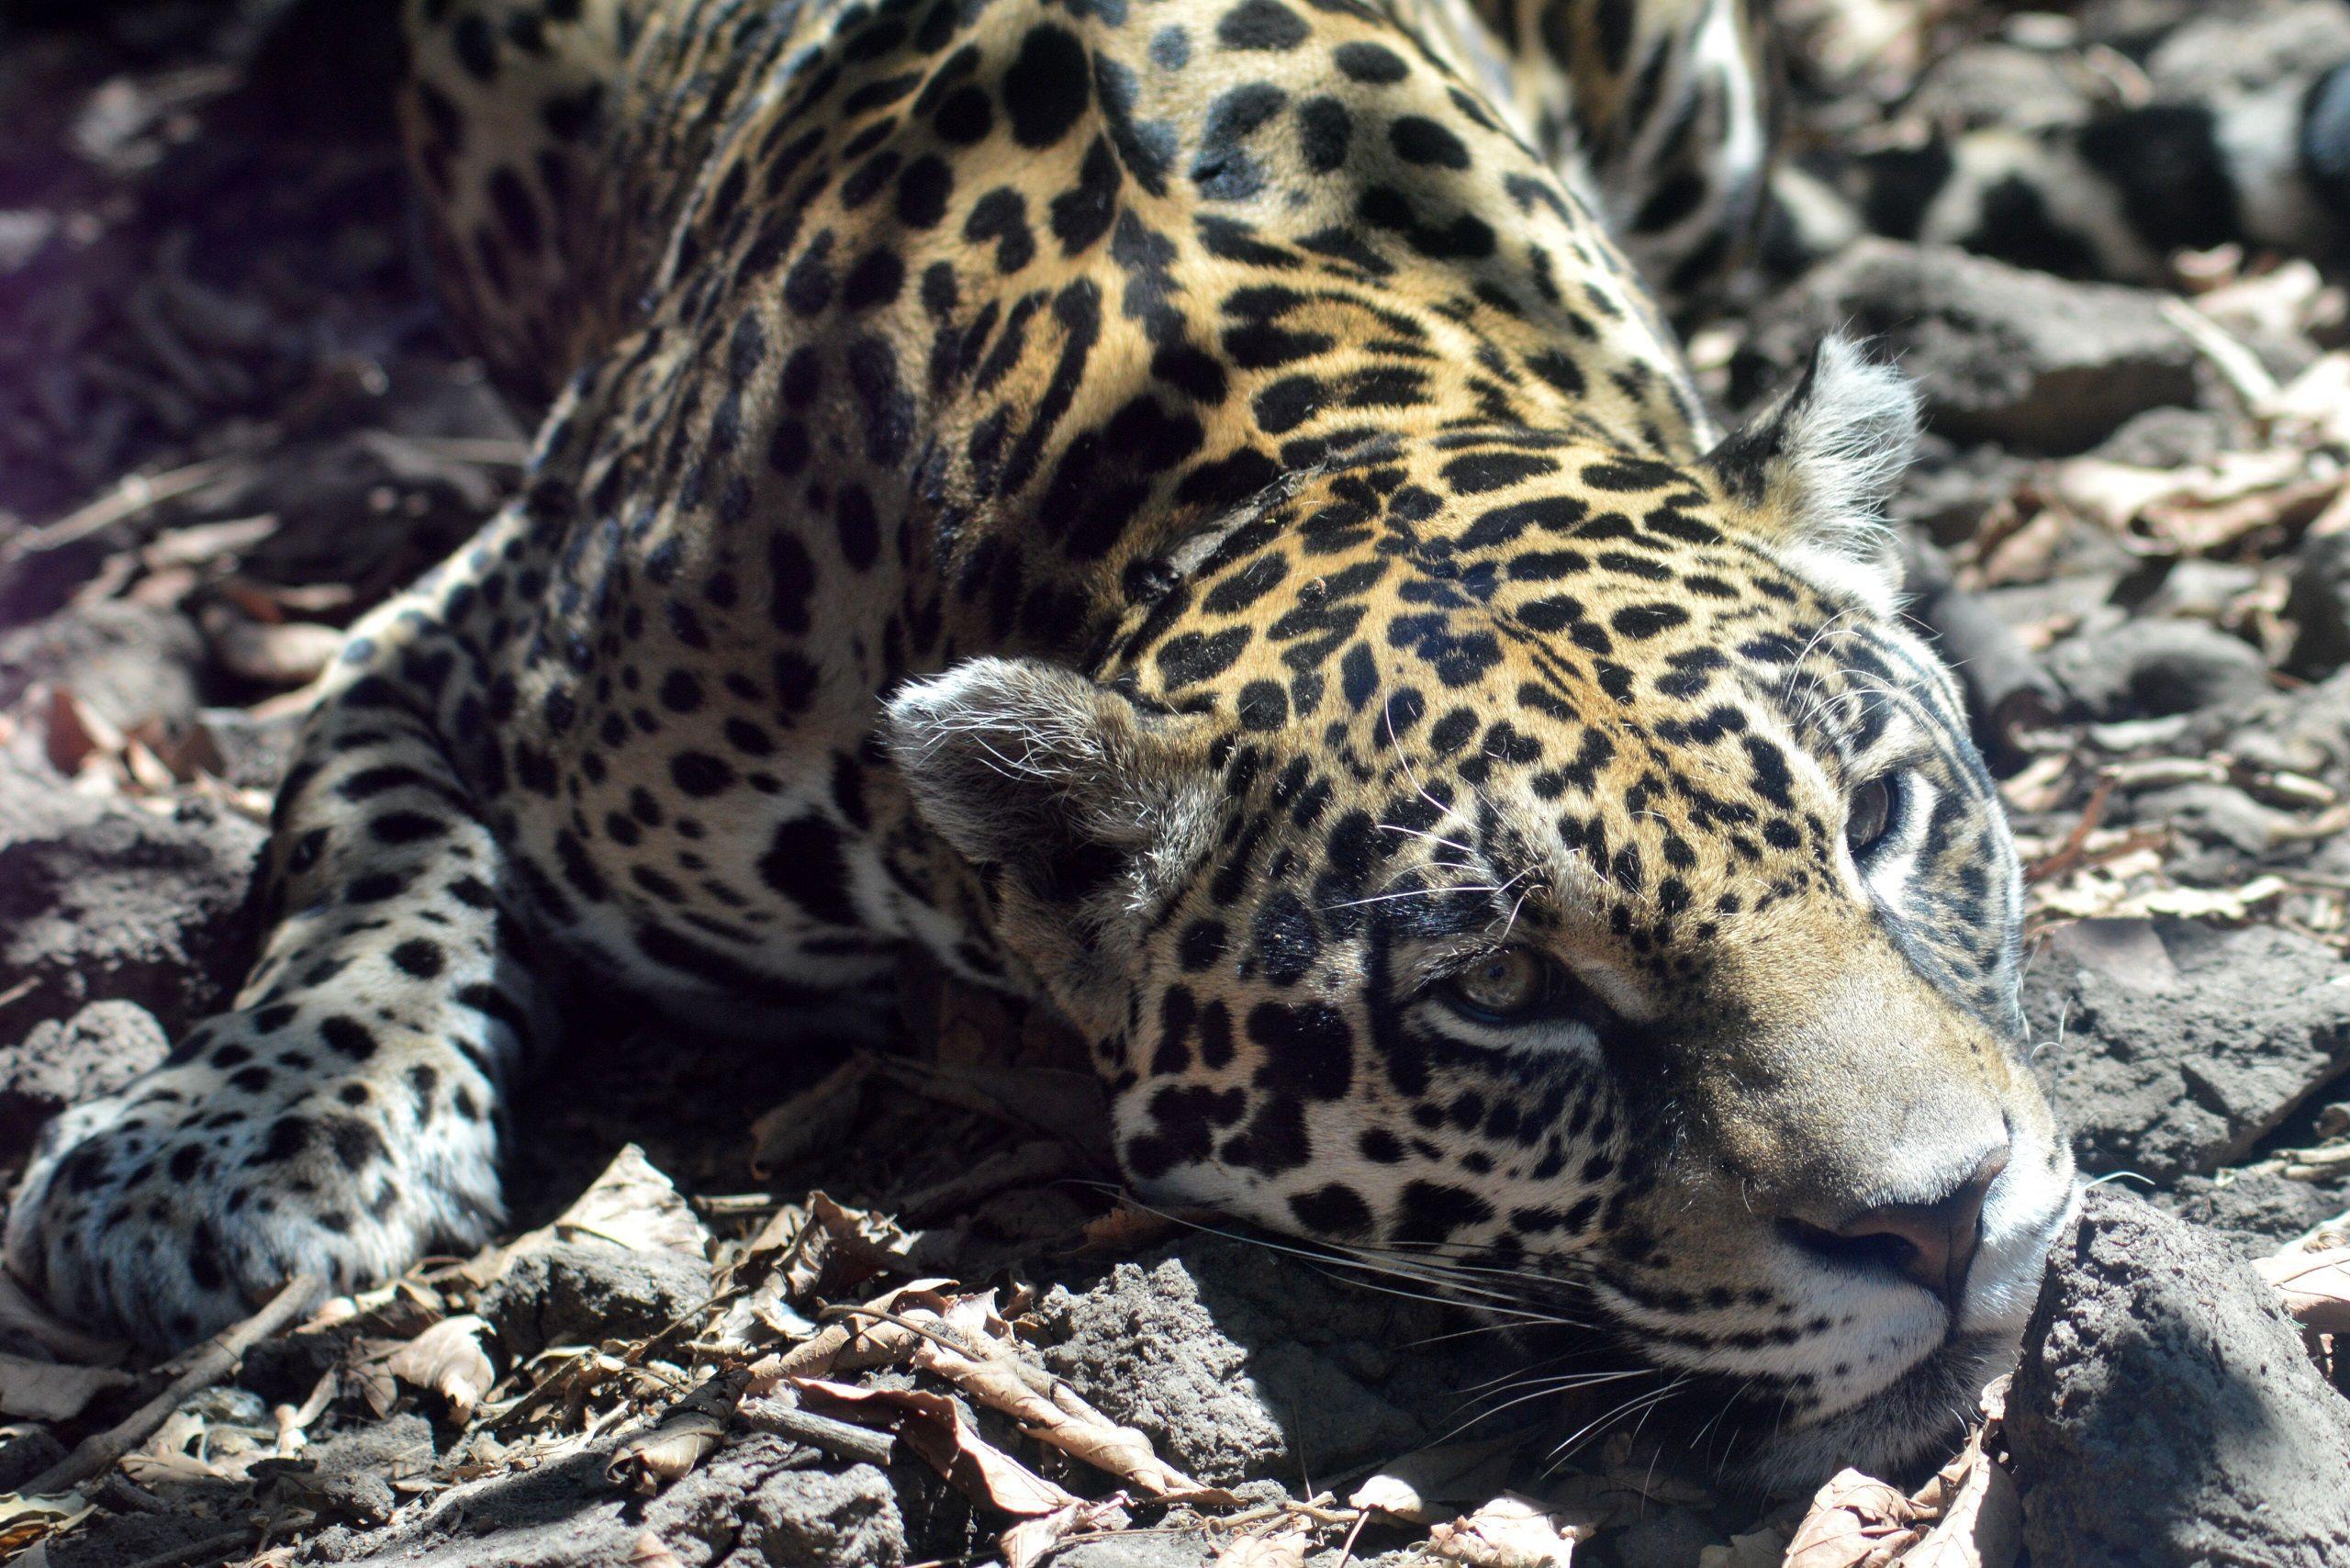 Fondos De Pantalla De Felinos: Fonditos Jaguar Bebe Animales Jaguares Mascotas Felinos